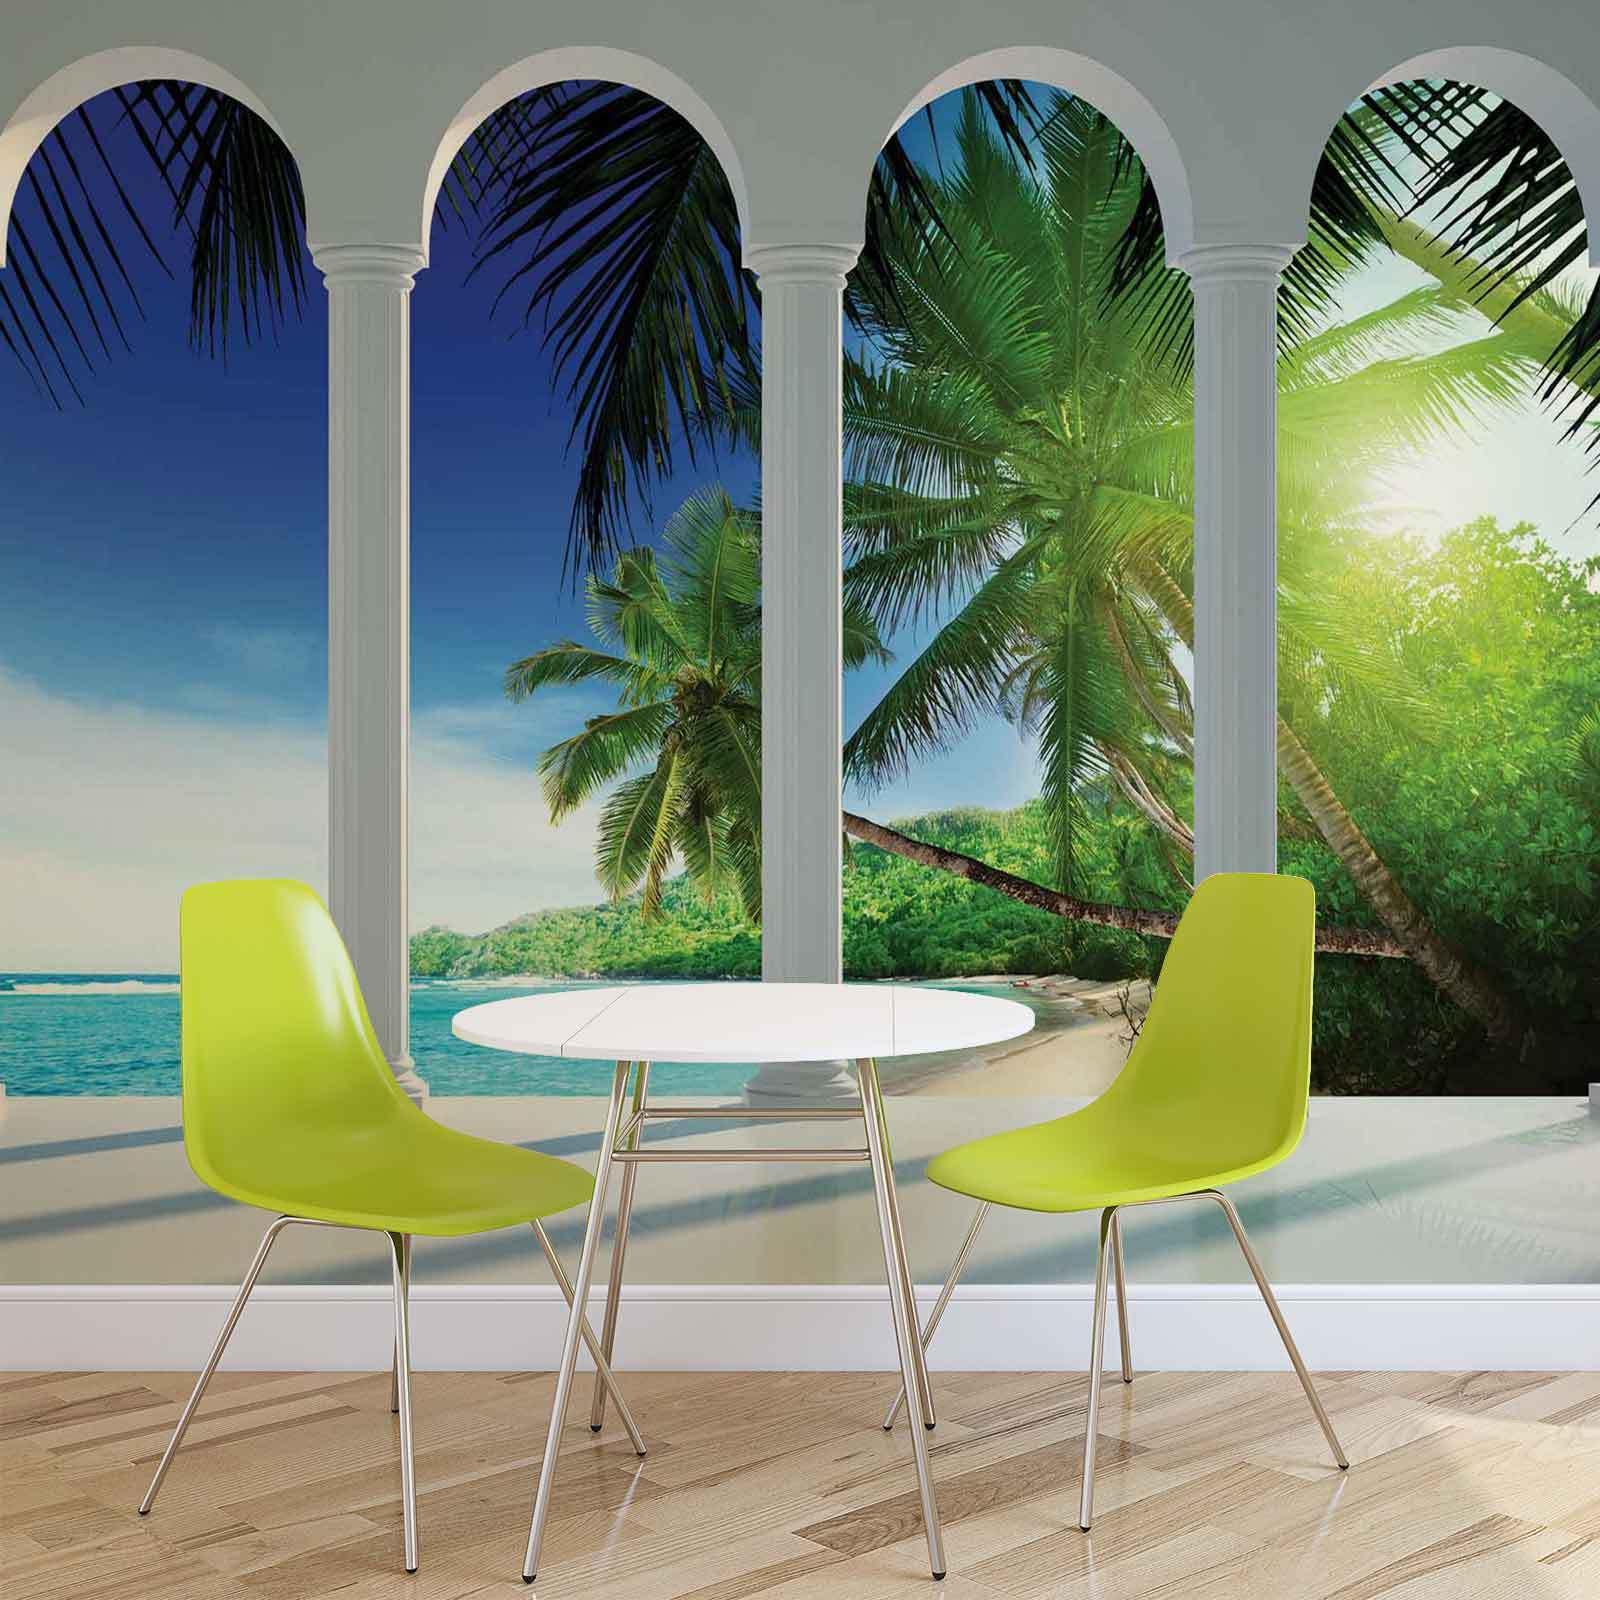 WALL MURAL PHOTO WALLPAPER XXL Beach Tropical Paradise Arches (2356WS)